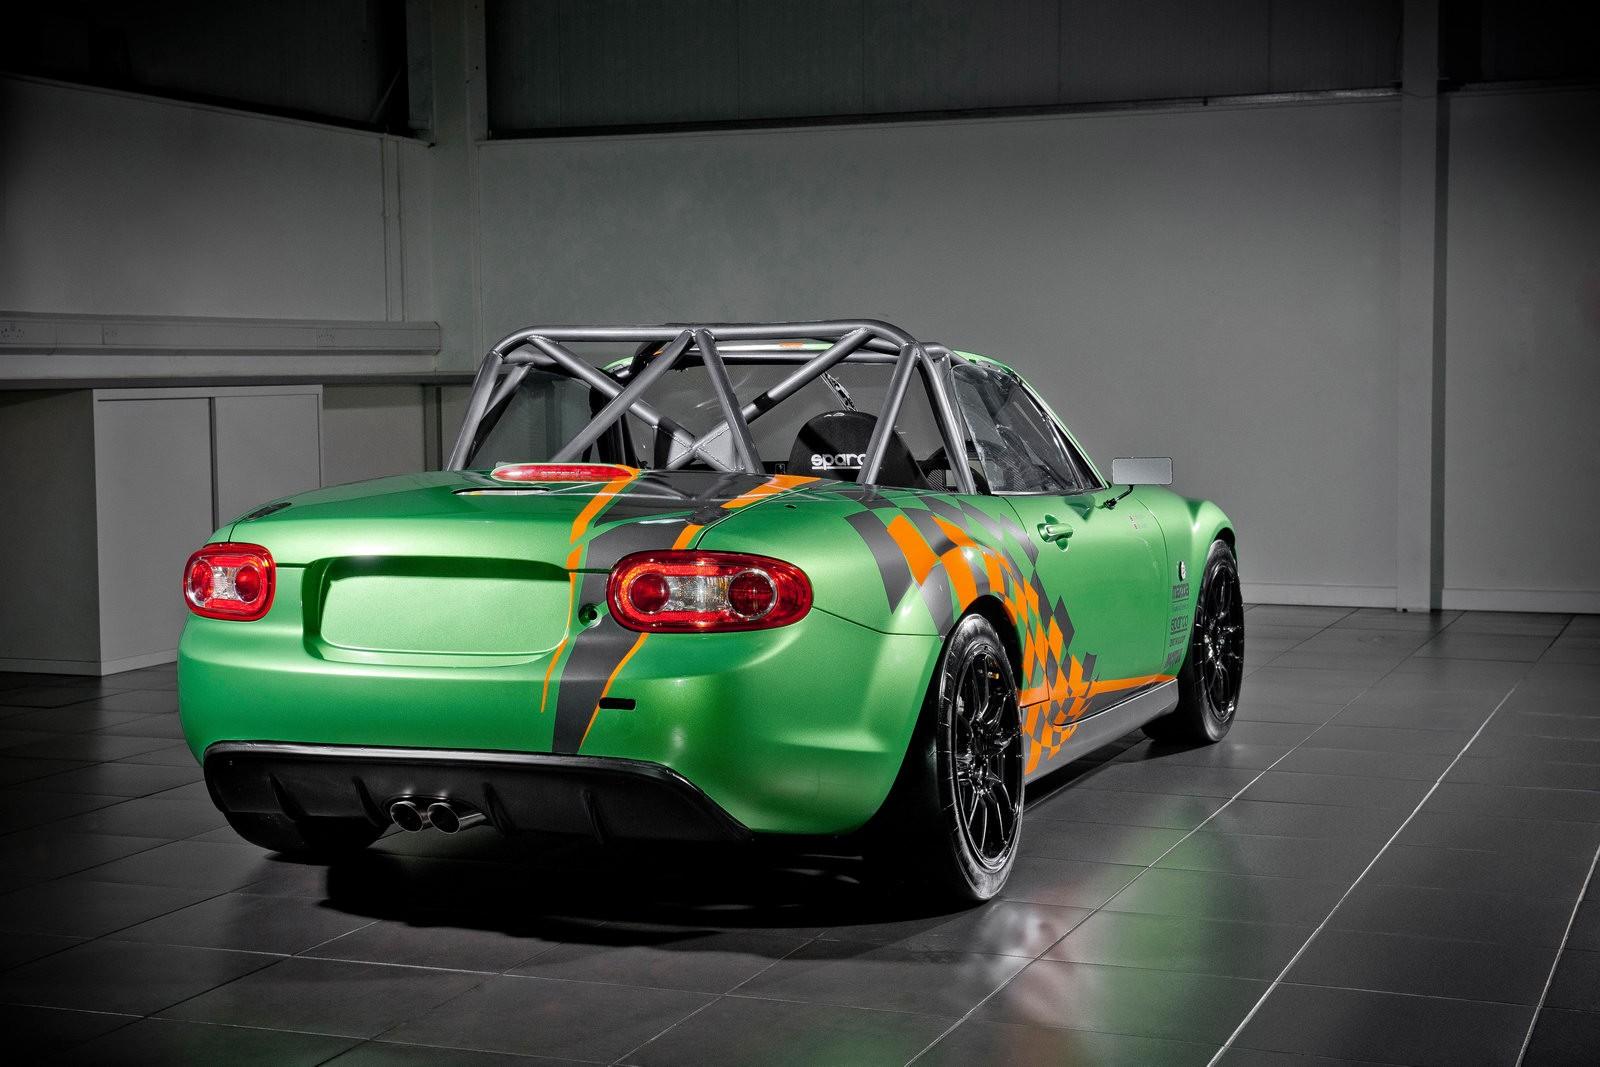 Maverik Corner Mx5 Mx5 Gt Race Car 2011